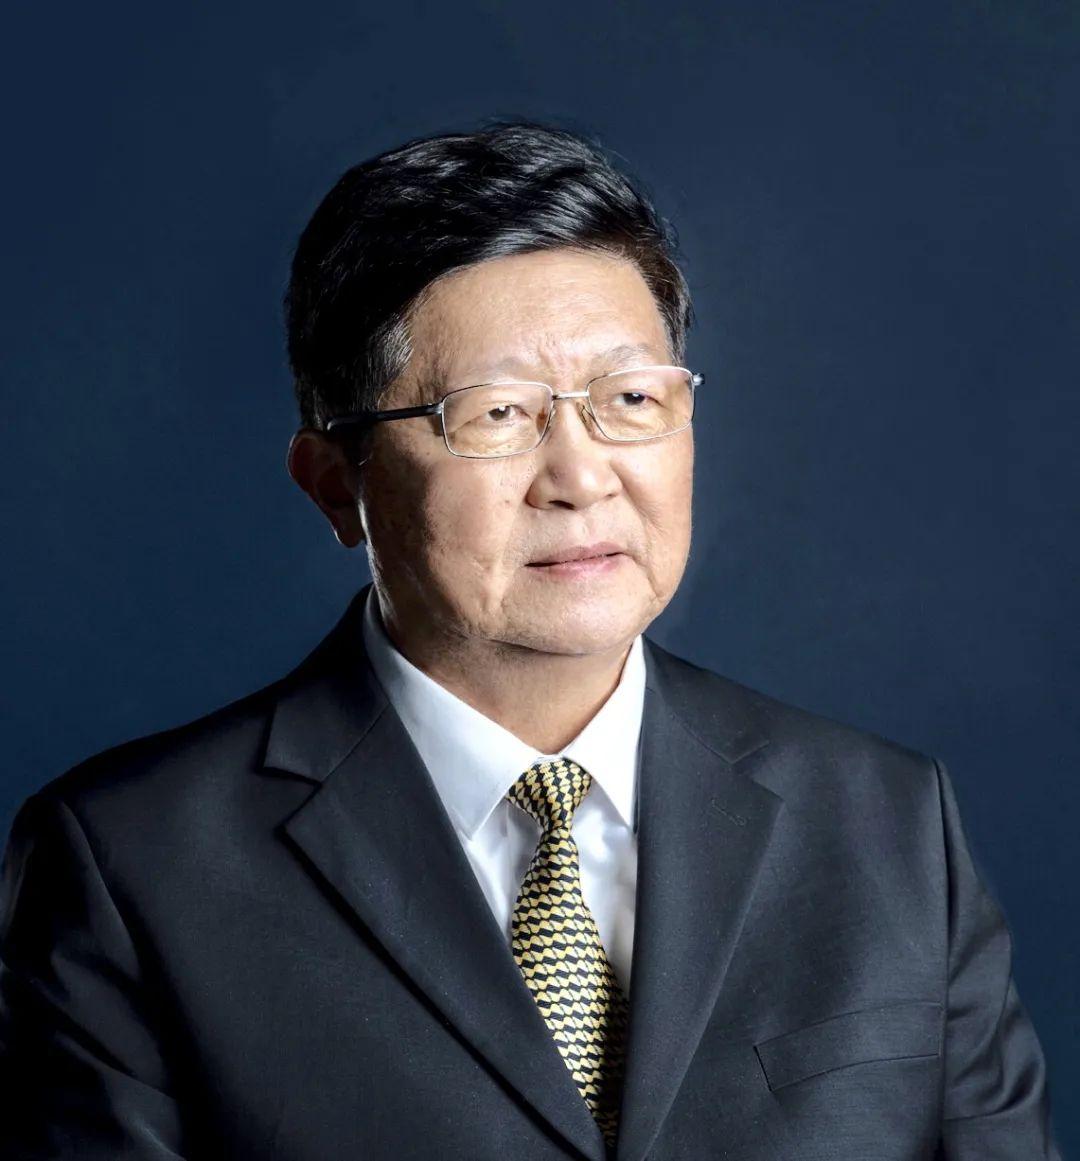 温故知新丨孟晓苏:用REITs完成租赁市场的供给侧改革